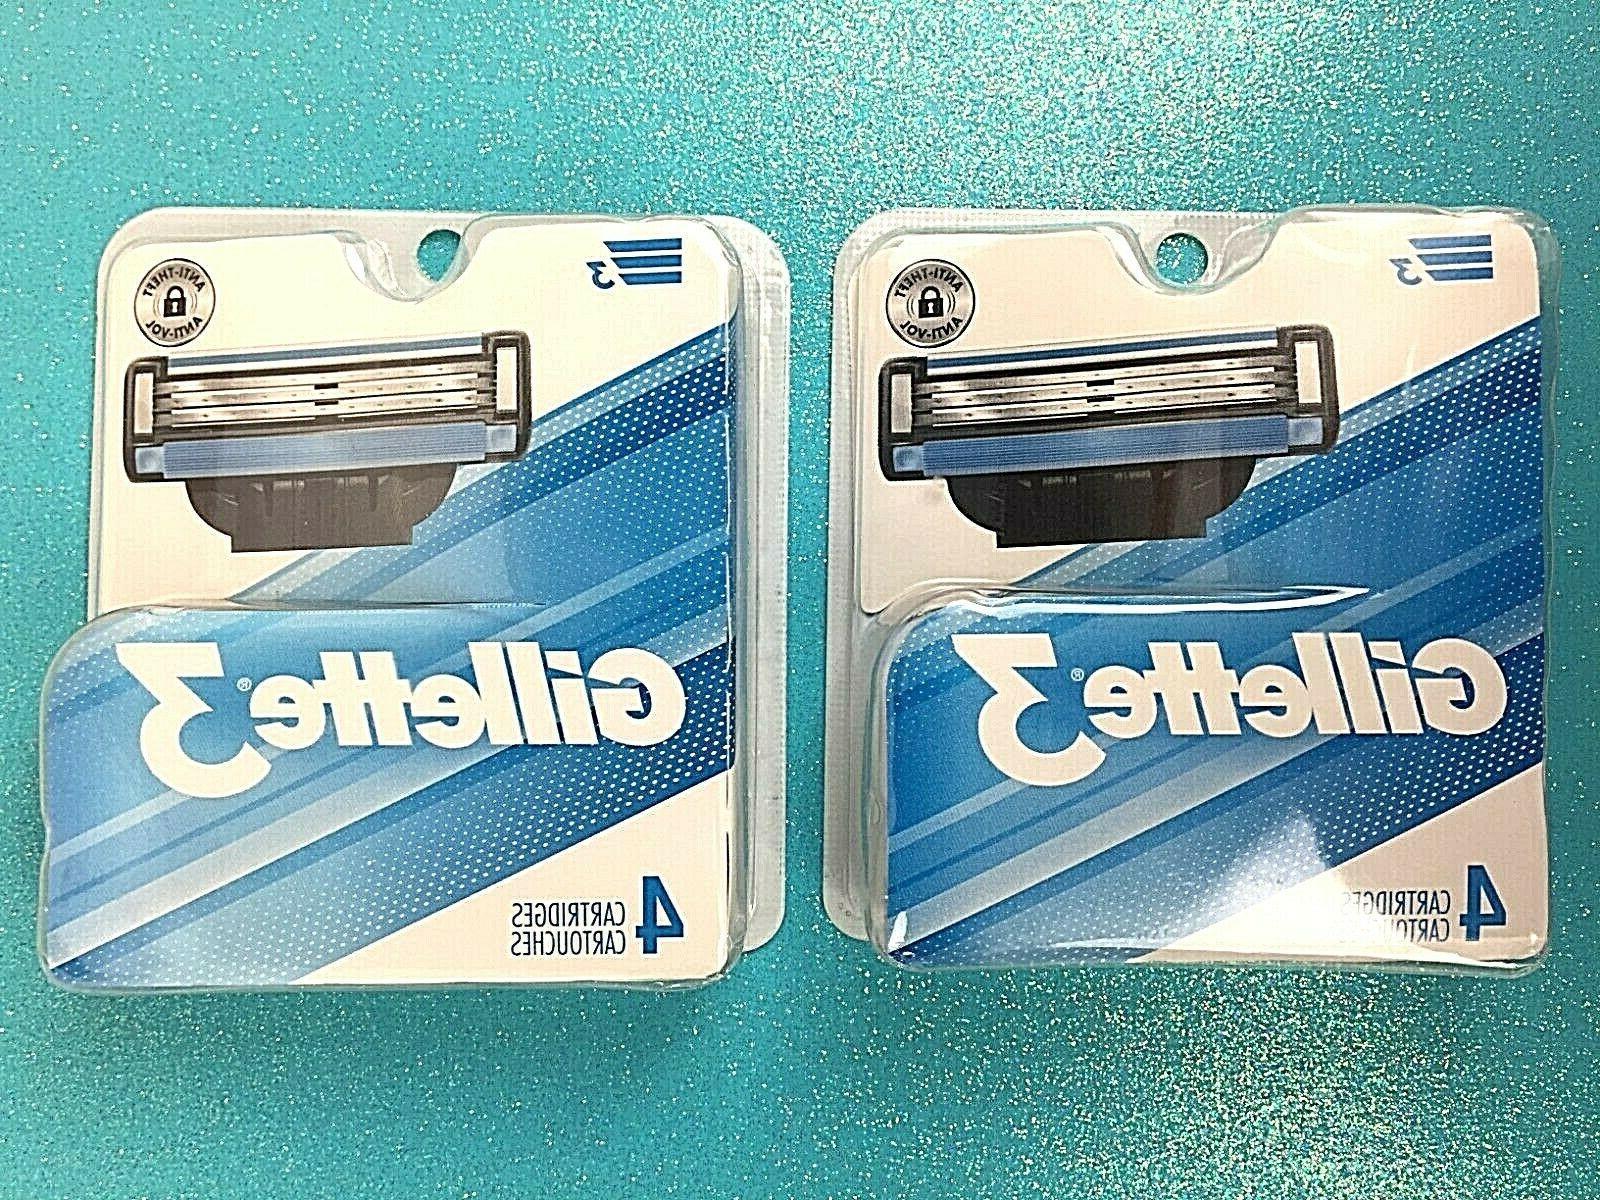 Gillette 3 Cartridges 4 Count